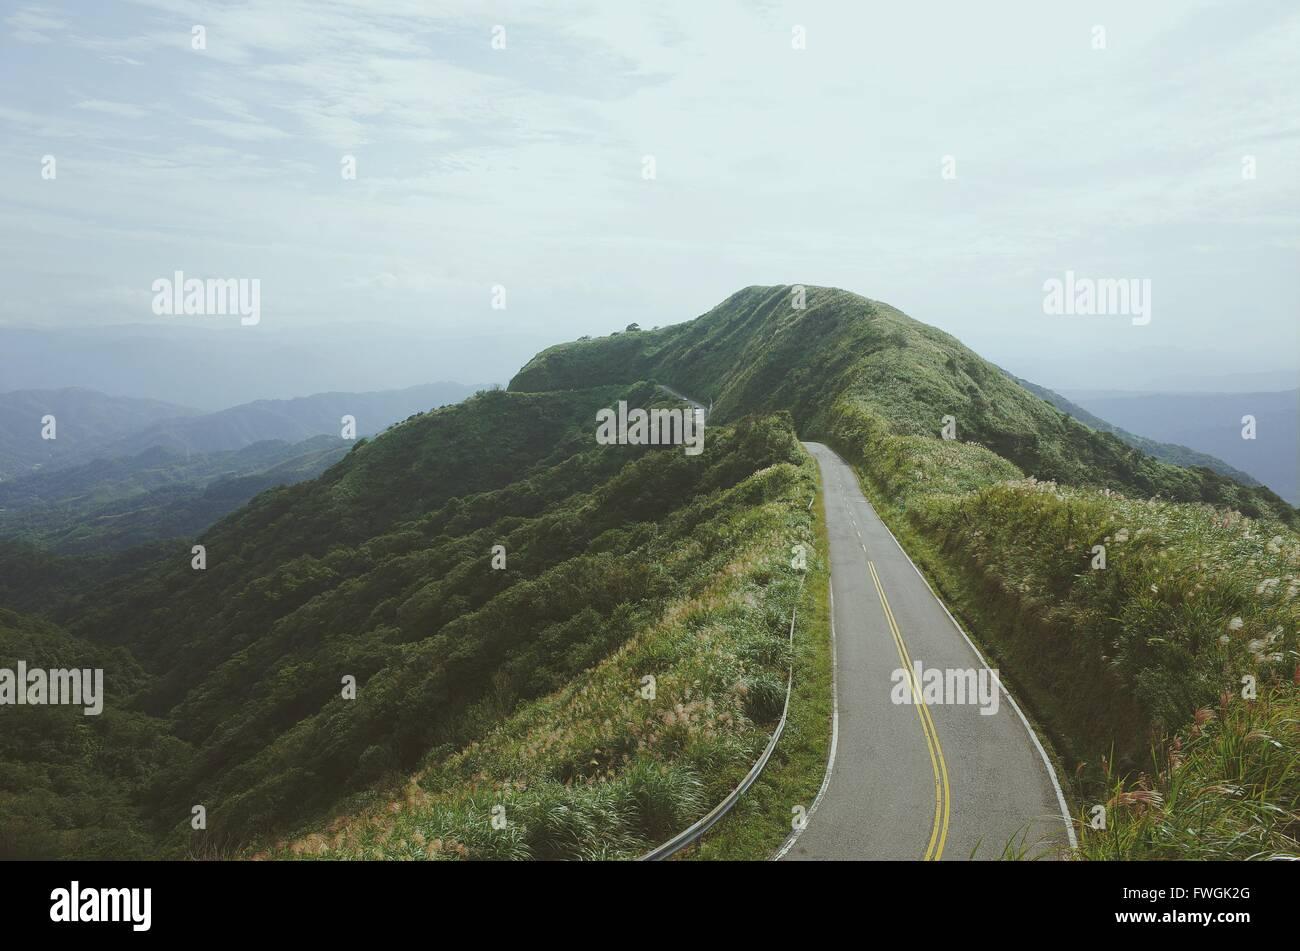 Strada di campagna contro il cielo nuvoloso Immagini Stock